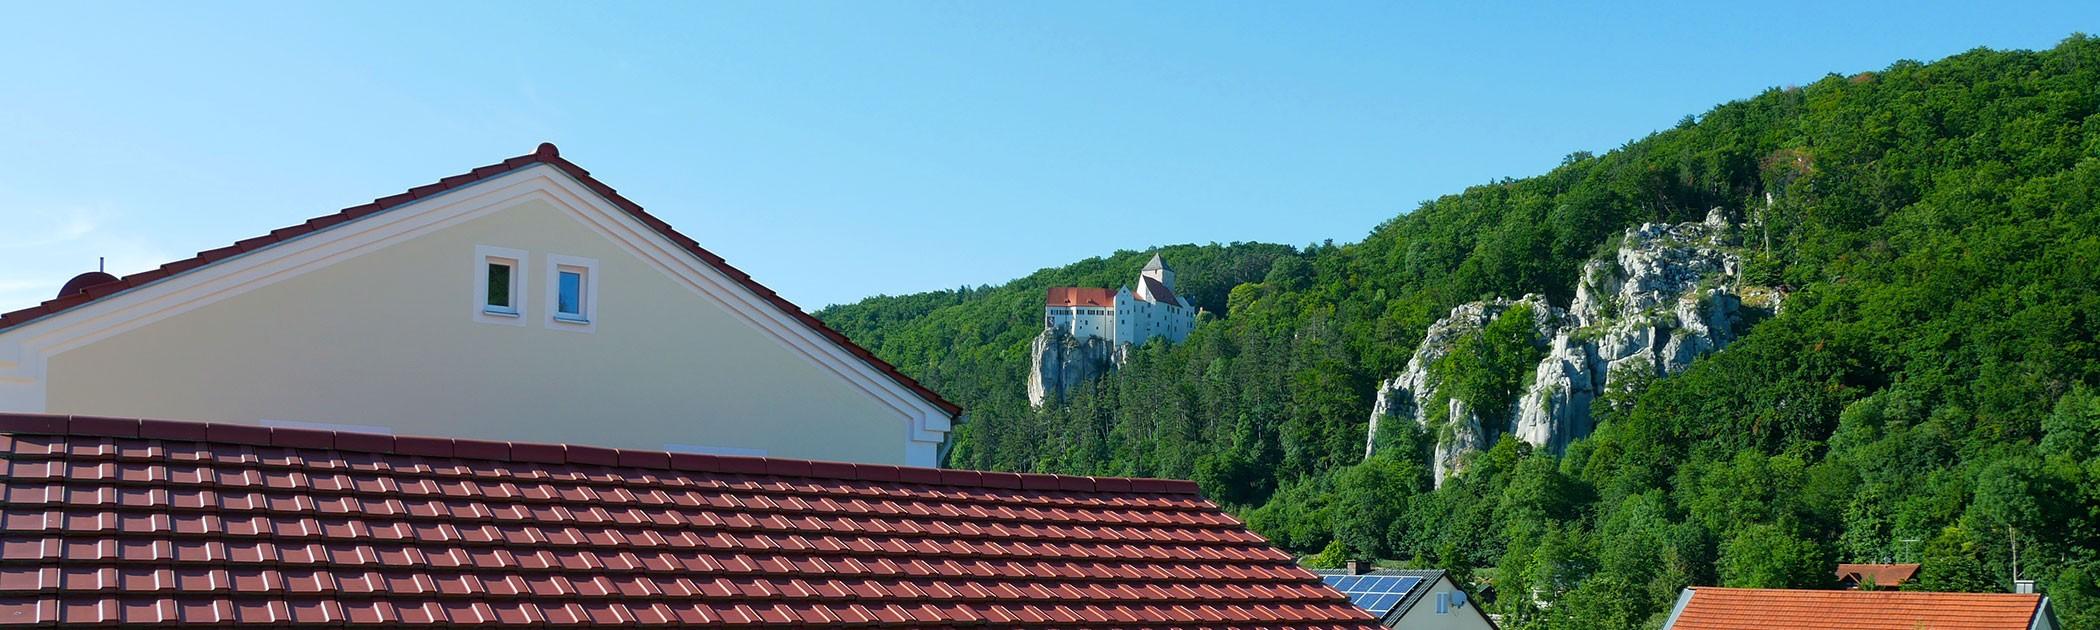 Blick zur Burg (Ferienwohnung zur Einthaler-Klamm)